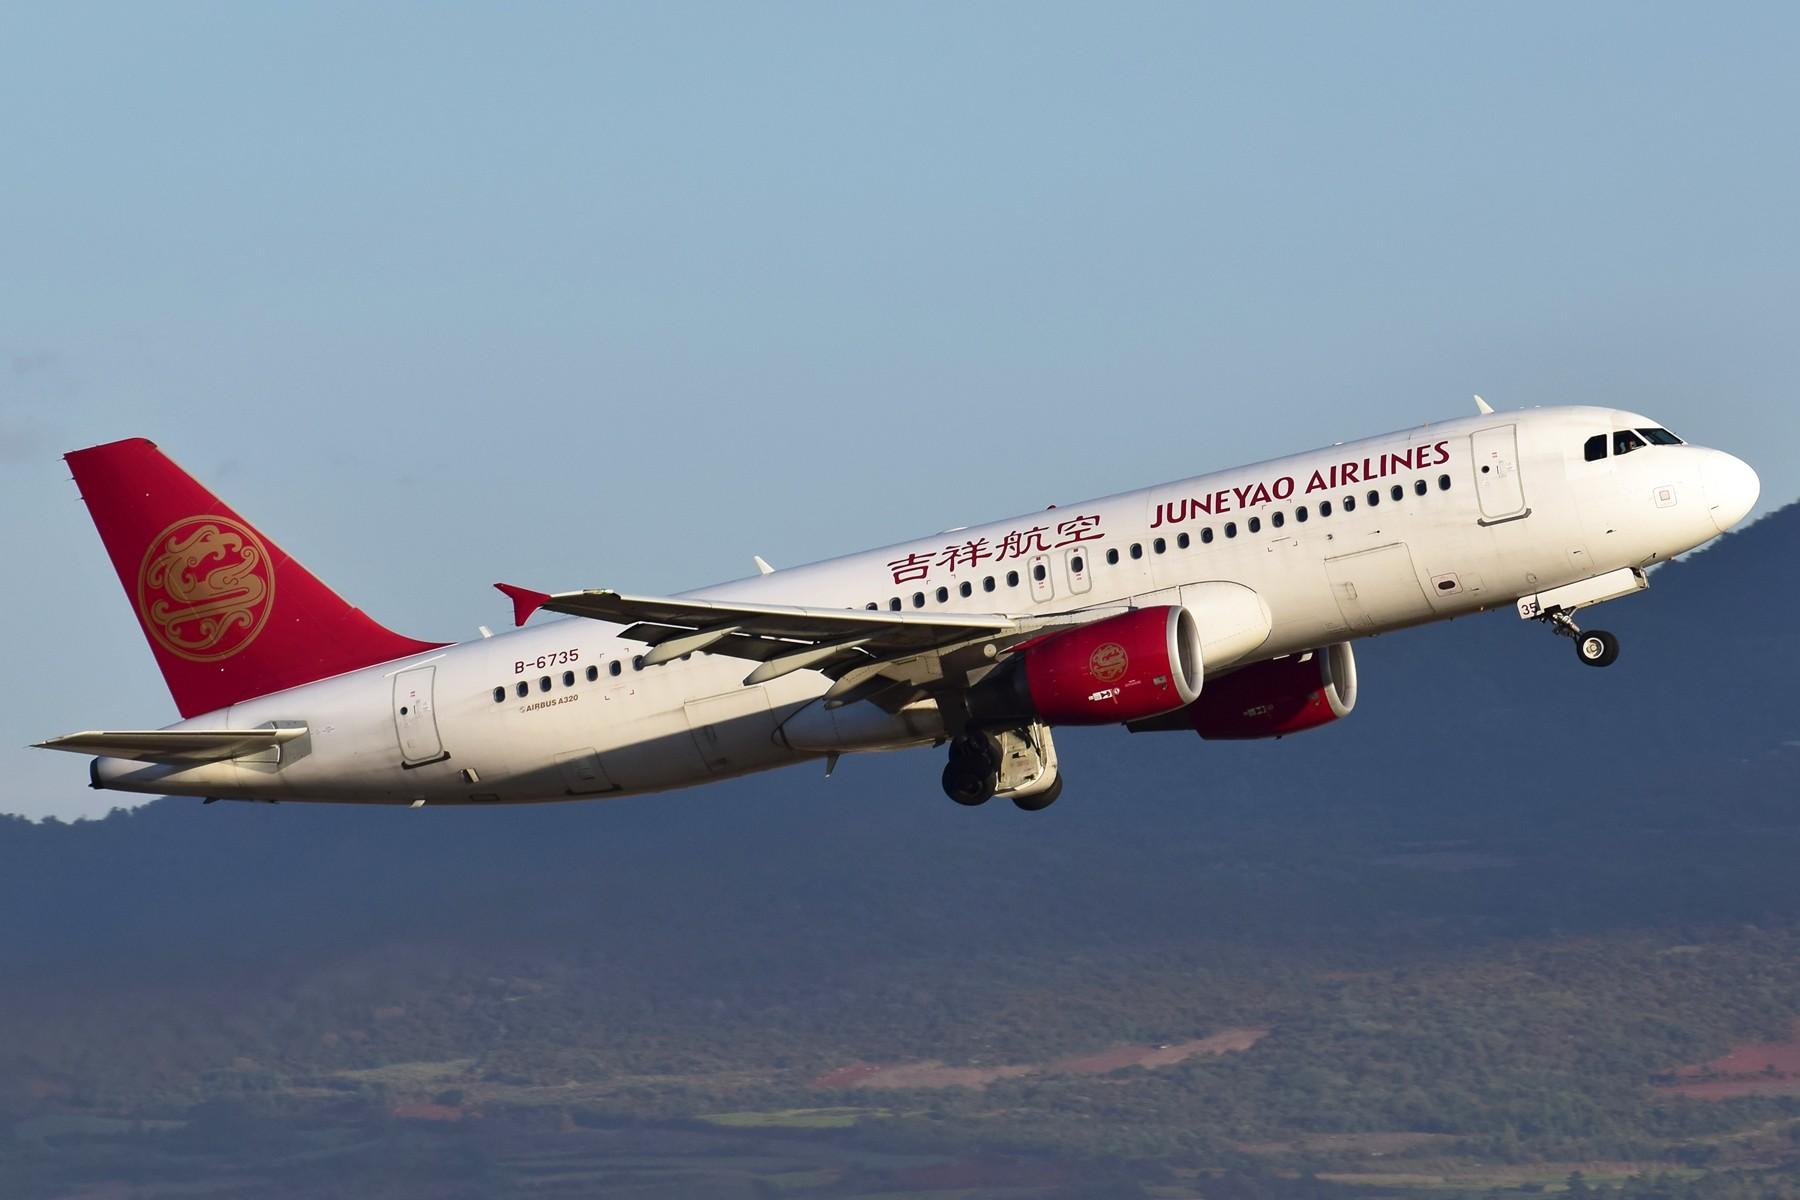 Re:[原创][吉祥航空年度摄影大赛] 吉祥航空------高原上的飒爽英姿 AIRBUS A320-200 B-6735 中国昆明长水国际机场